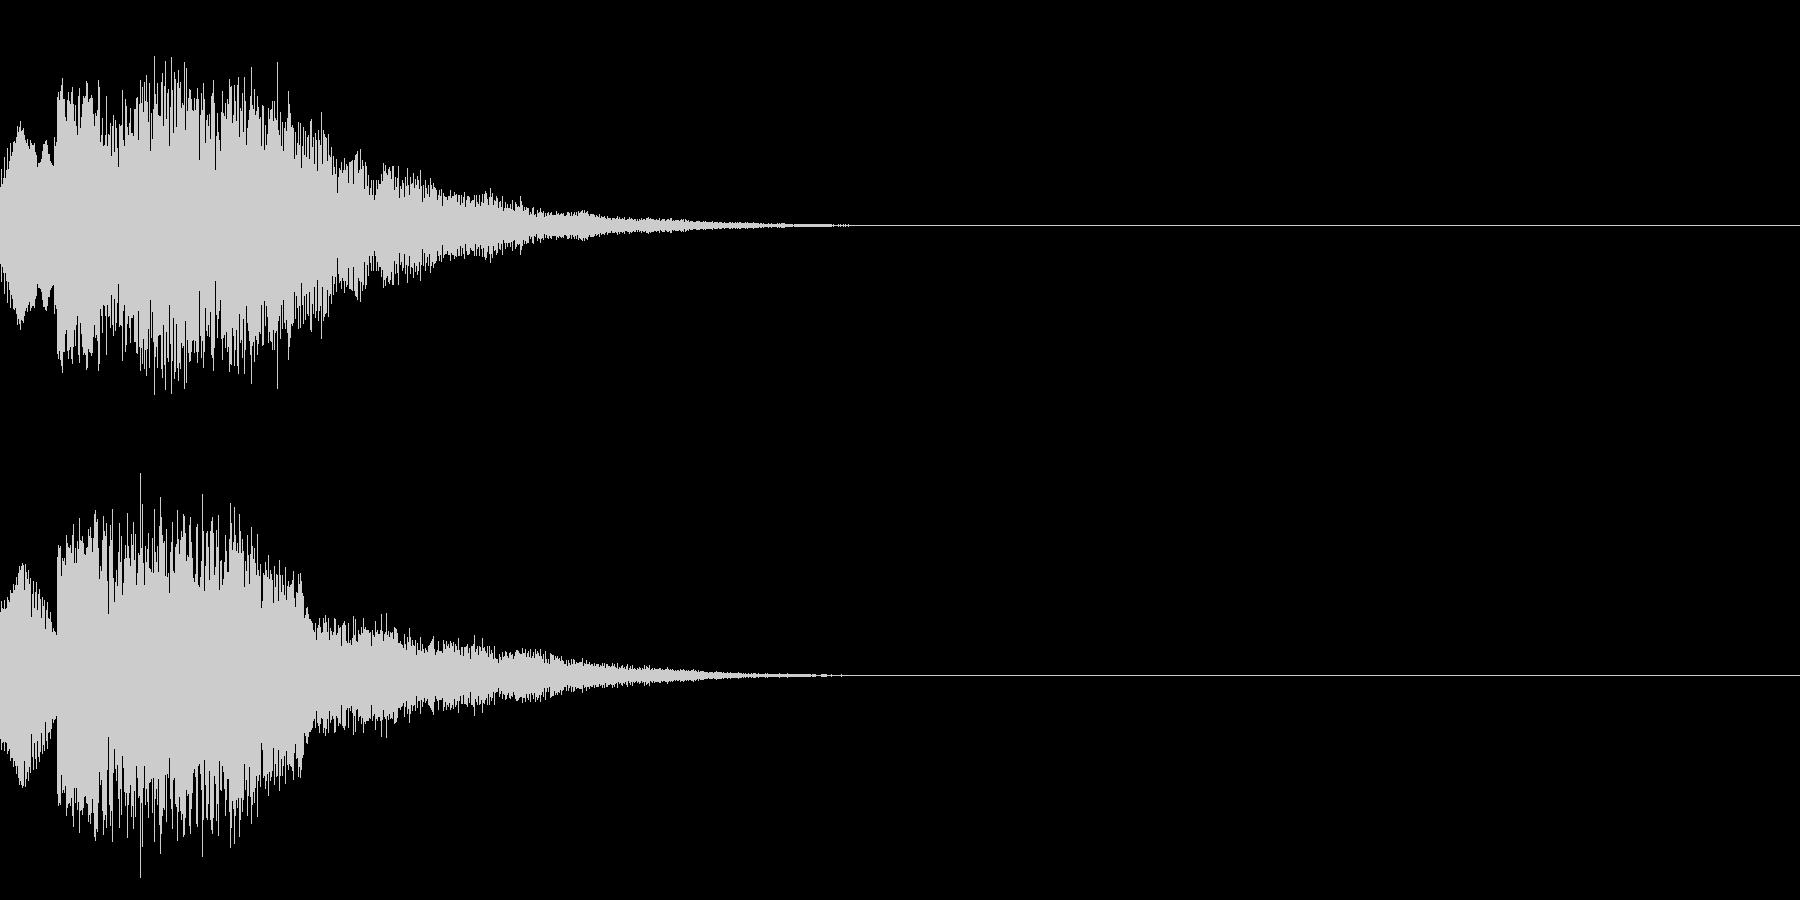 キュイン/レベルアップ/SF系の未再生の波形